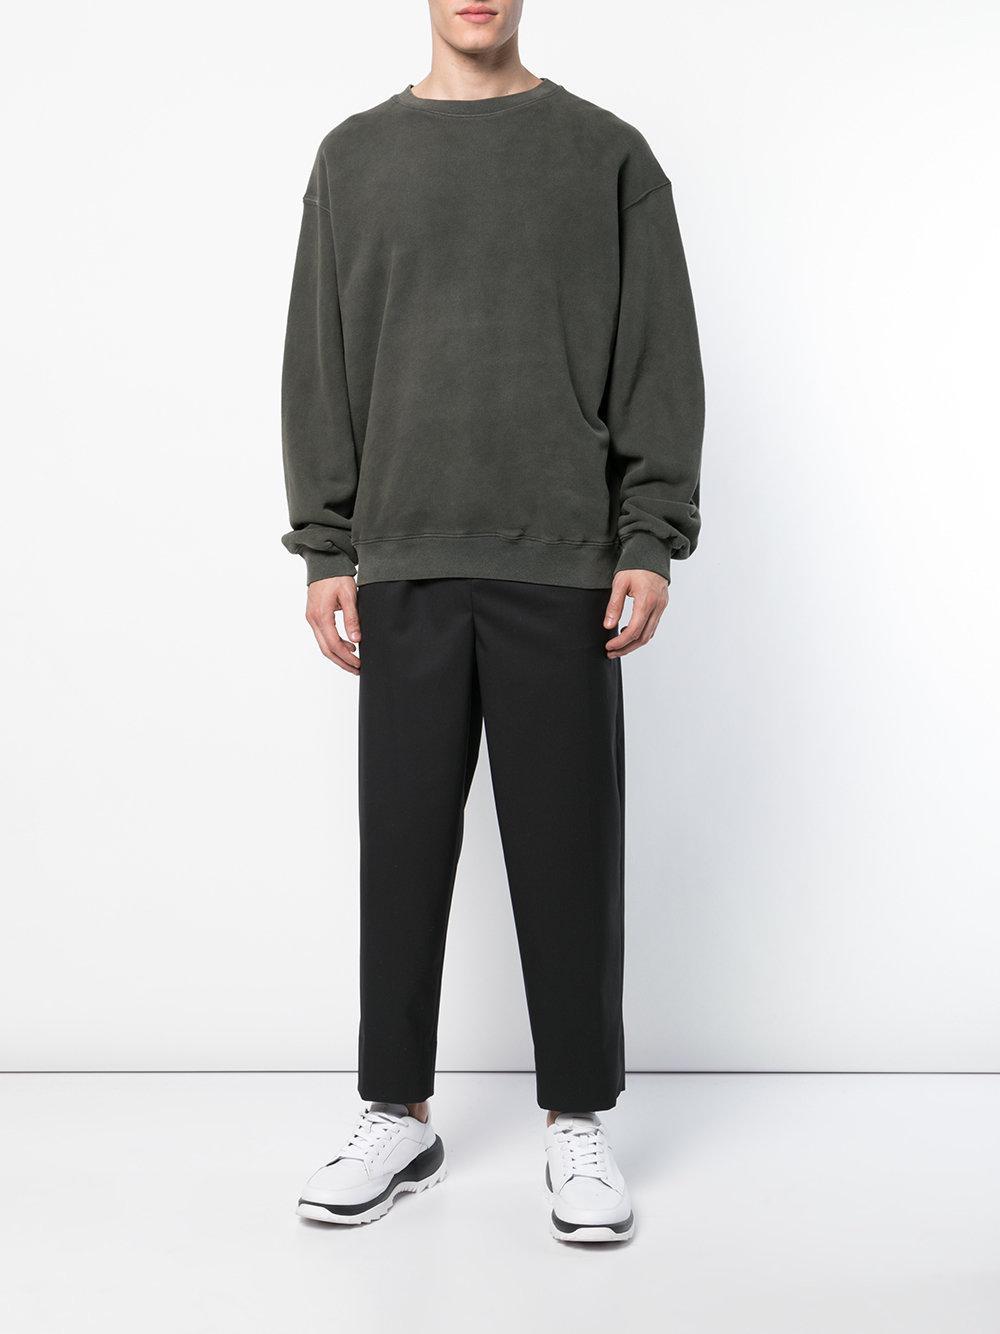 31ba94aaa Yeezy Oversized Crewneck Sweatshirt in Gray for Men - Lyst